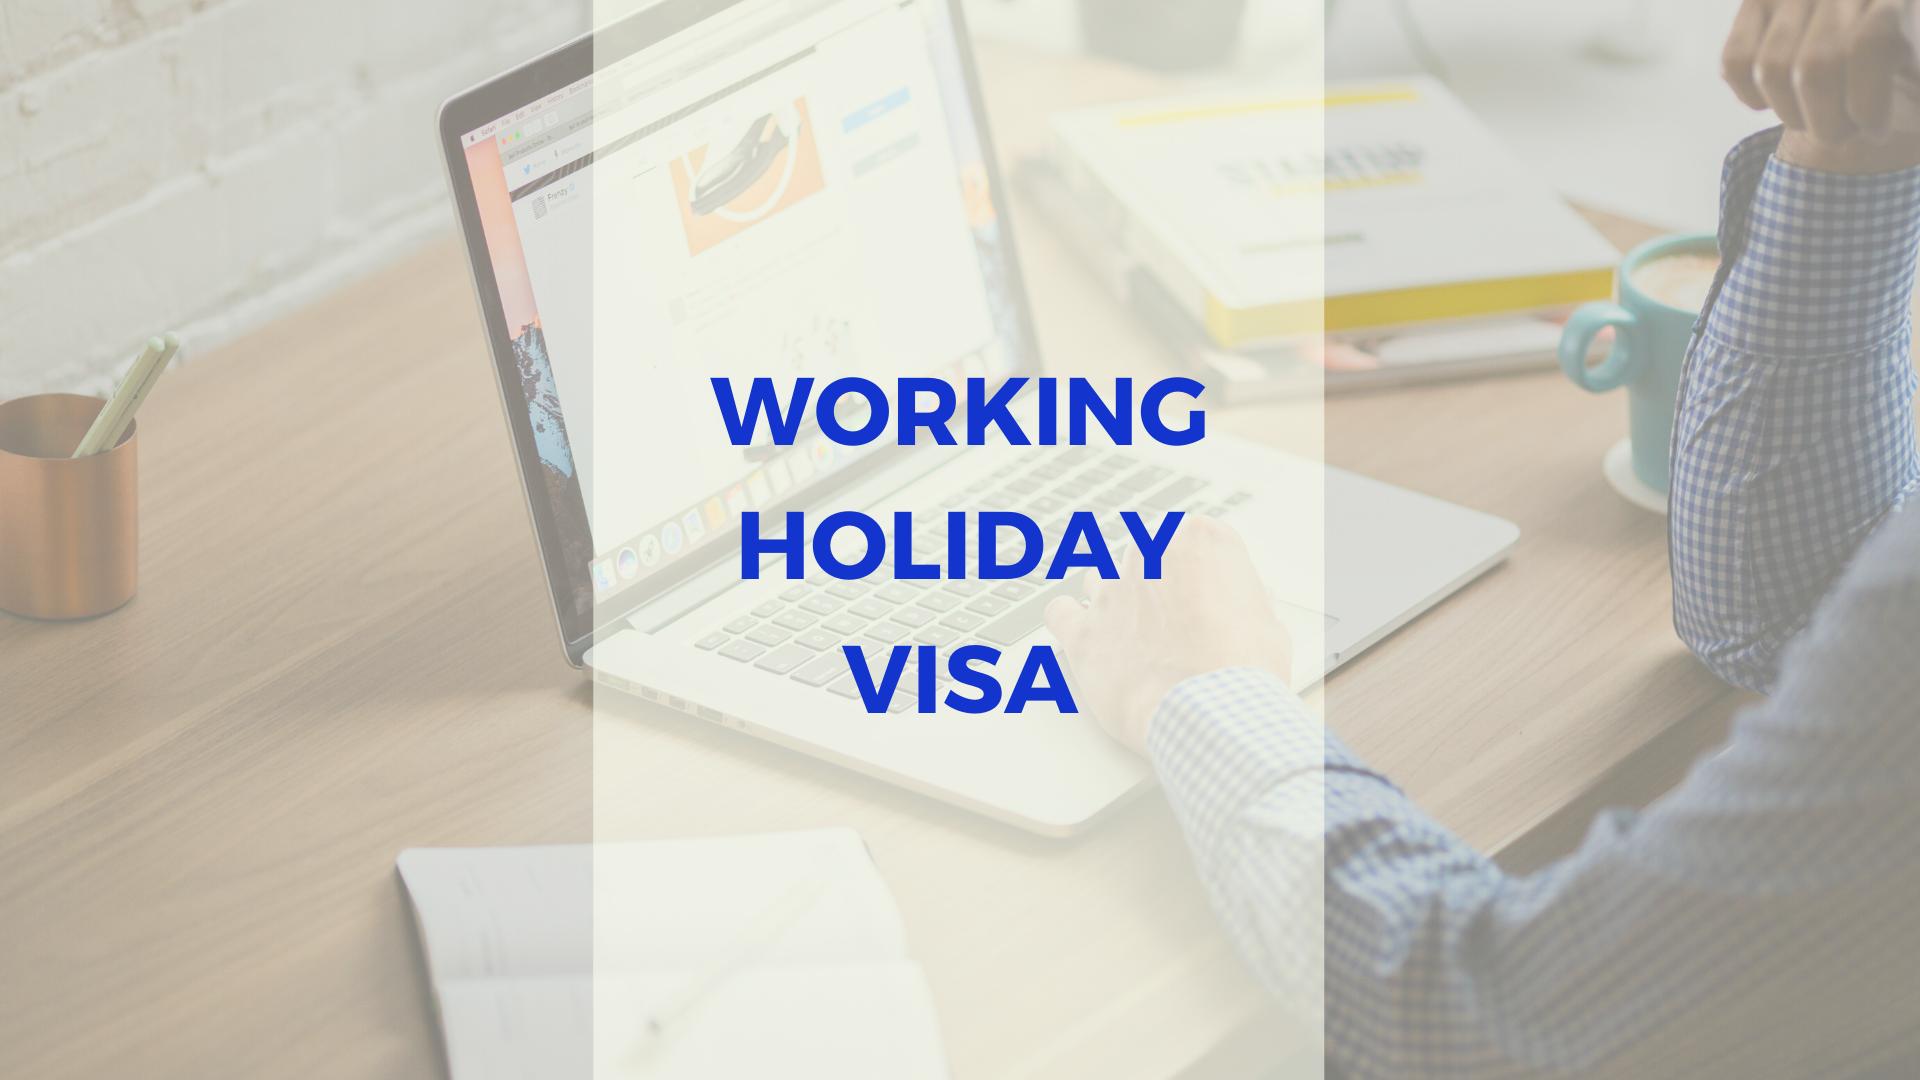 Trovare Lavoro In Costa Rica working holiday visa in corea del sud: le domande più frequenti